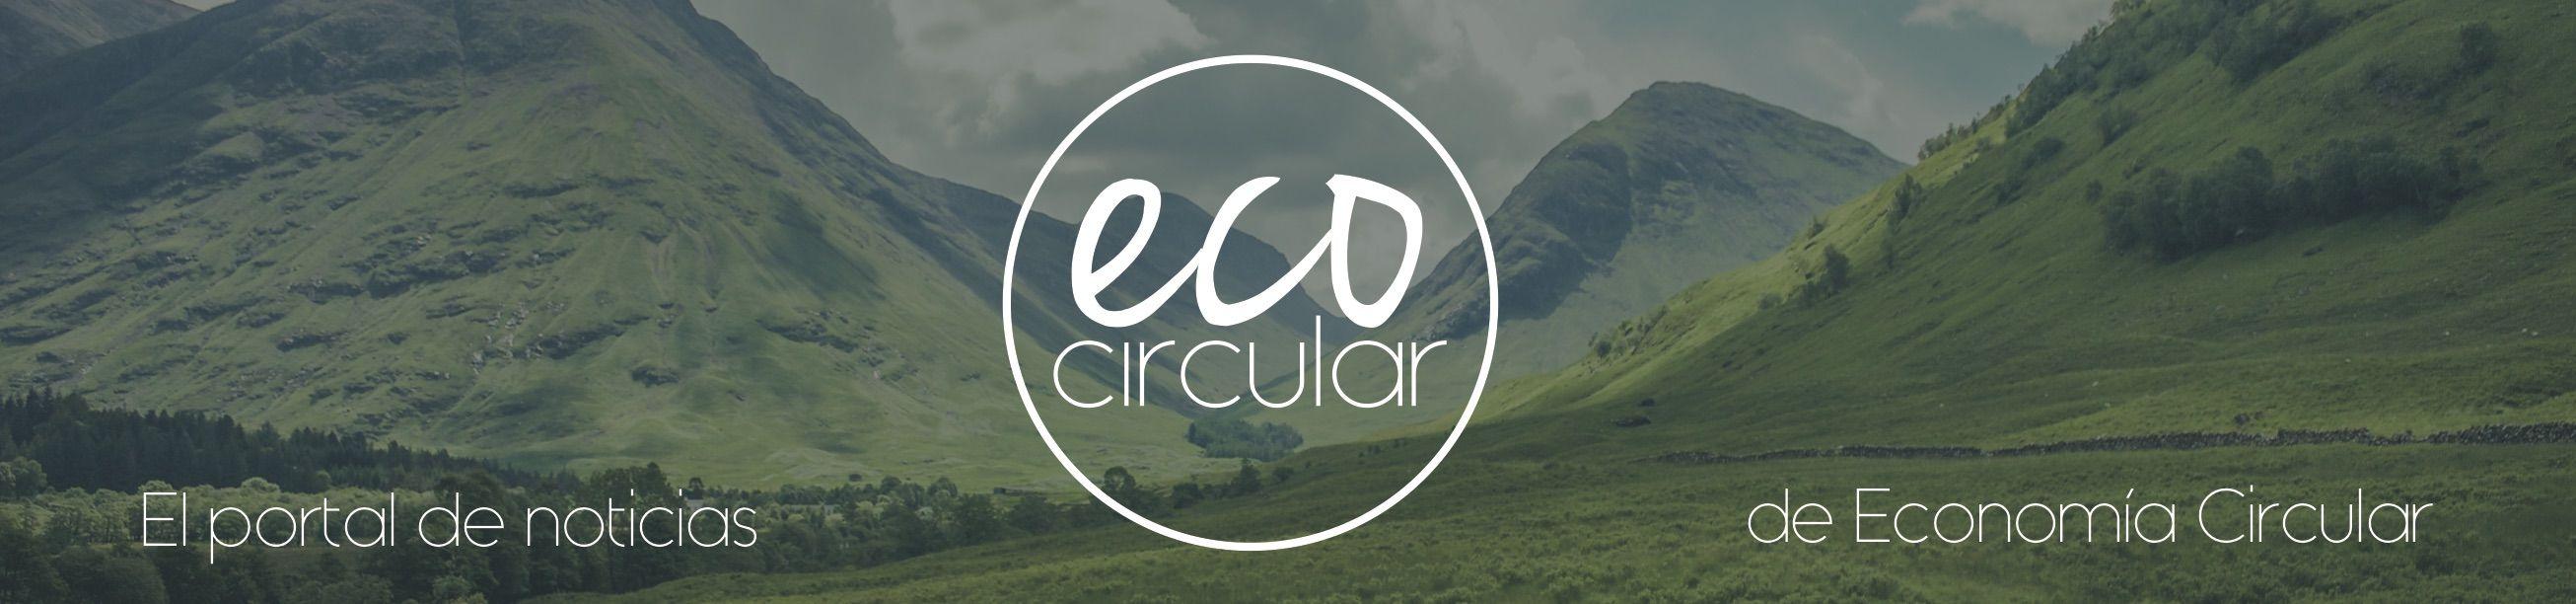 Foto de Eco-Circular.com